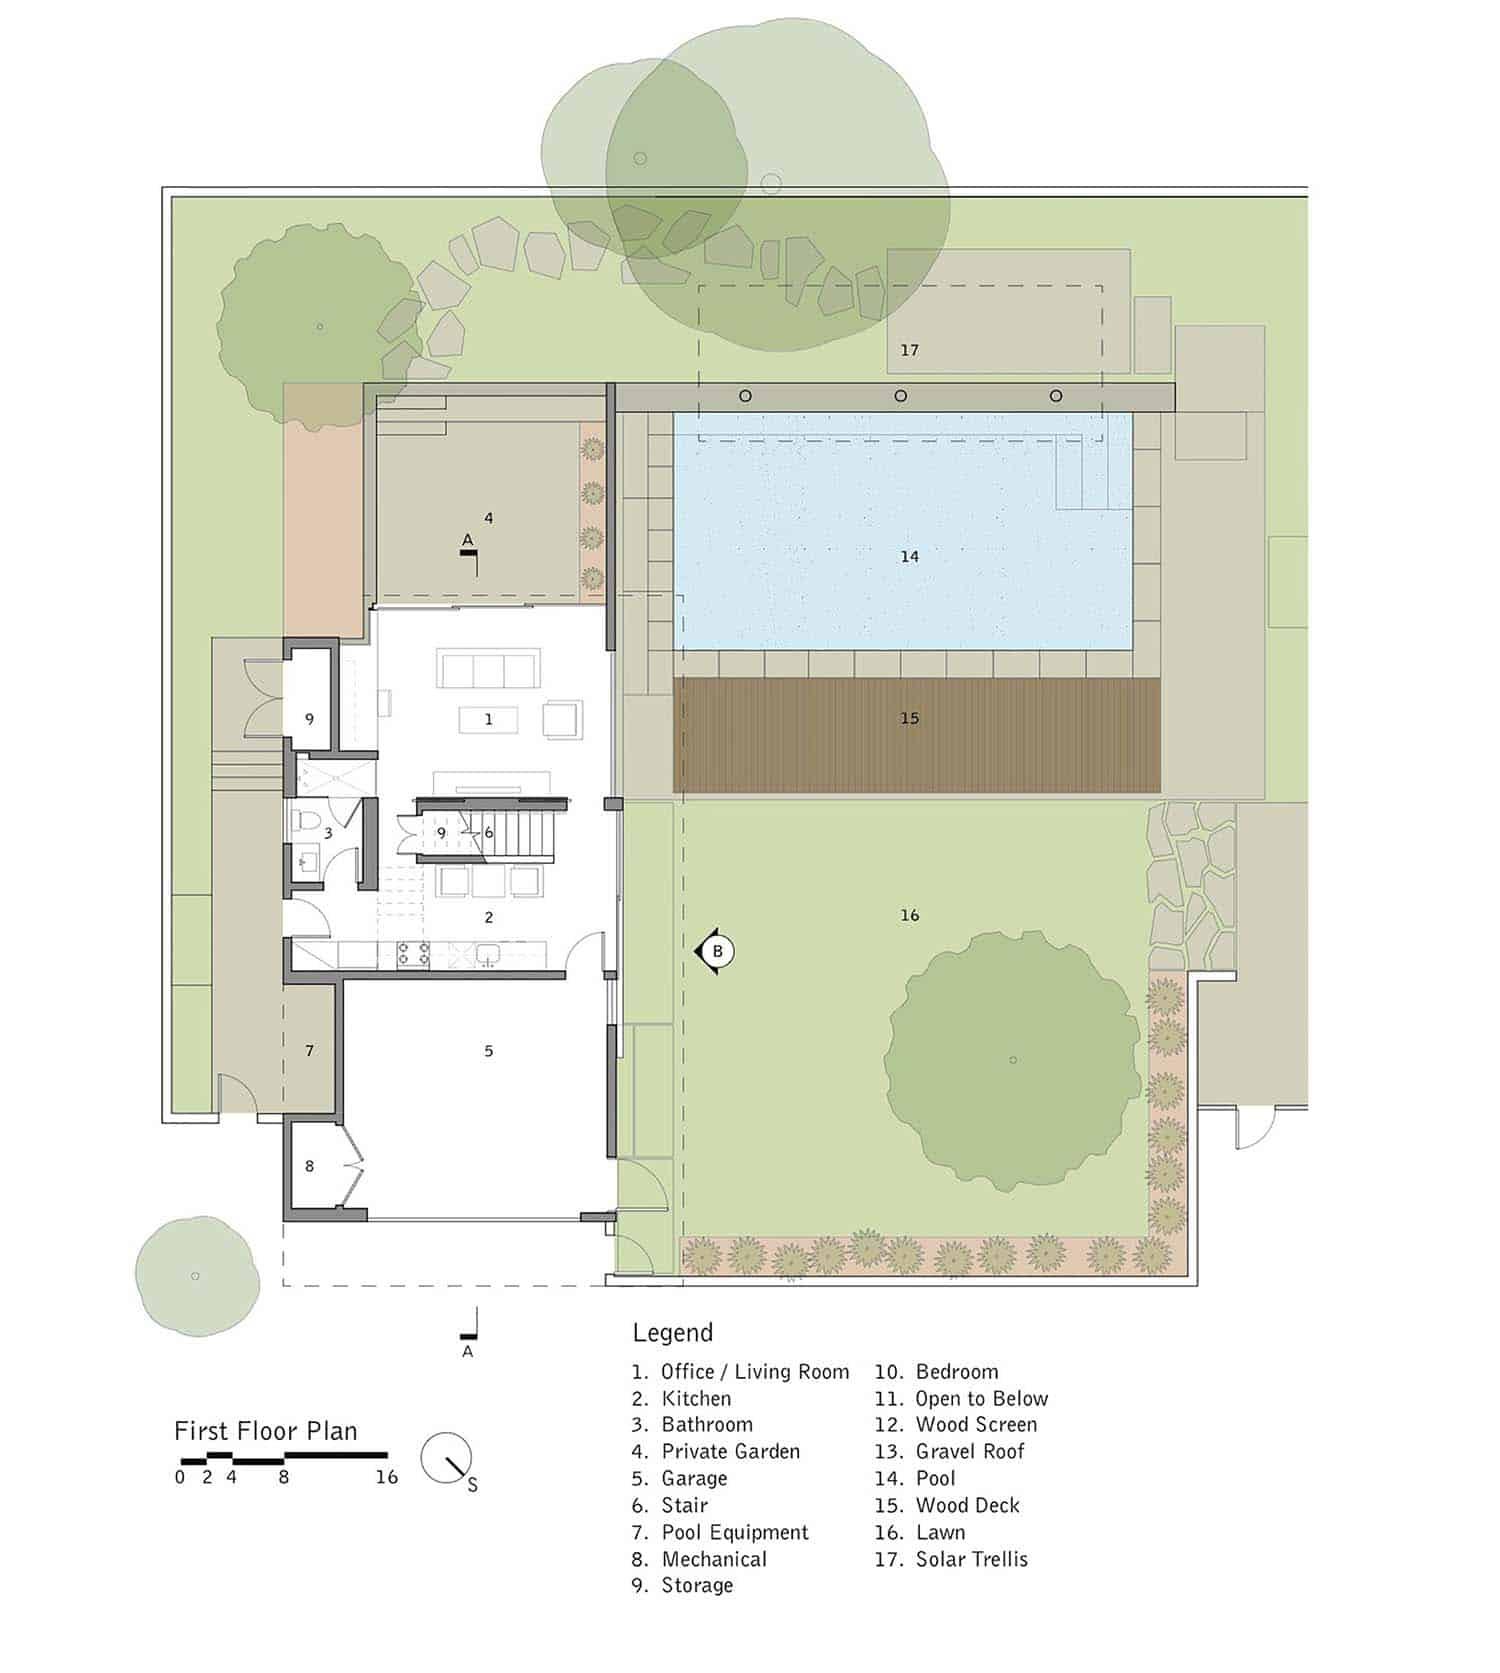 leed-platinum-family-compound-jfak-architects-18-1-kindesign